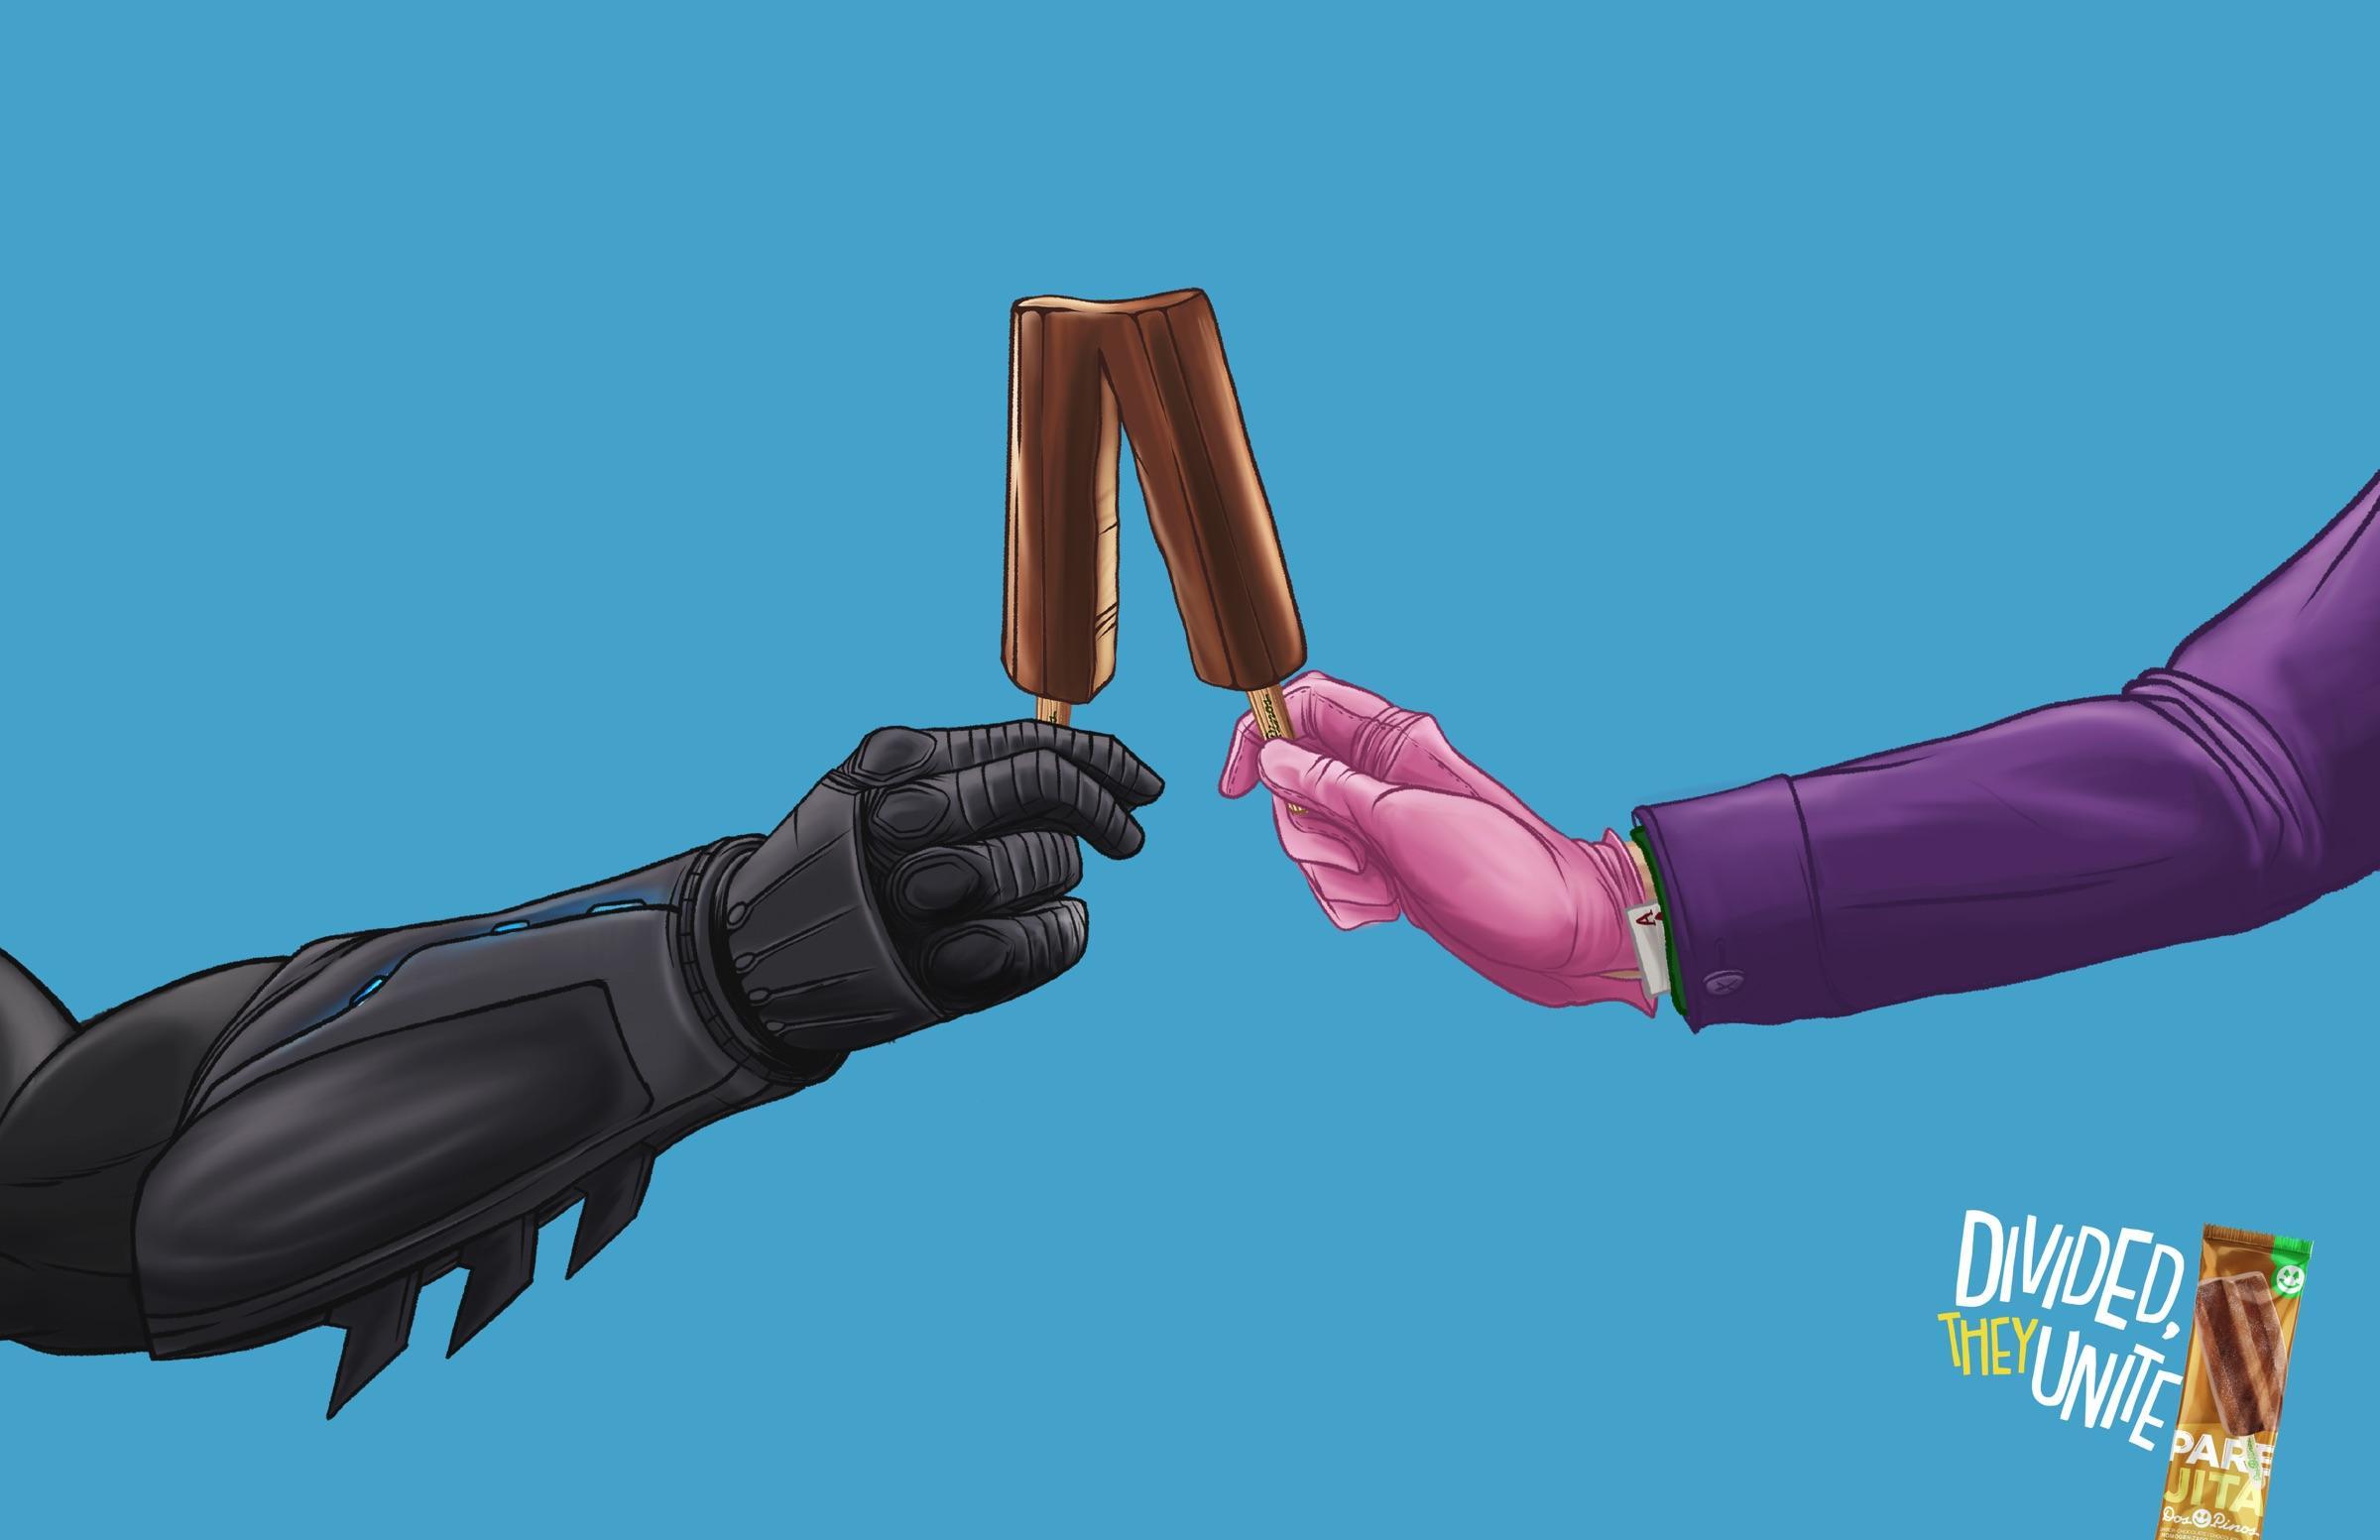 Dos Pinos Print Ad - Parejita Ice Cream, 2